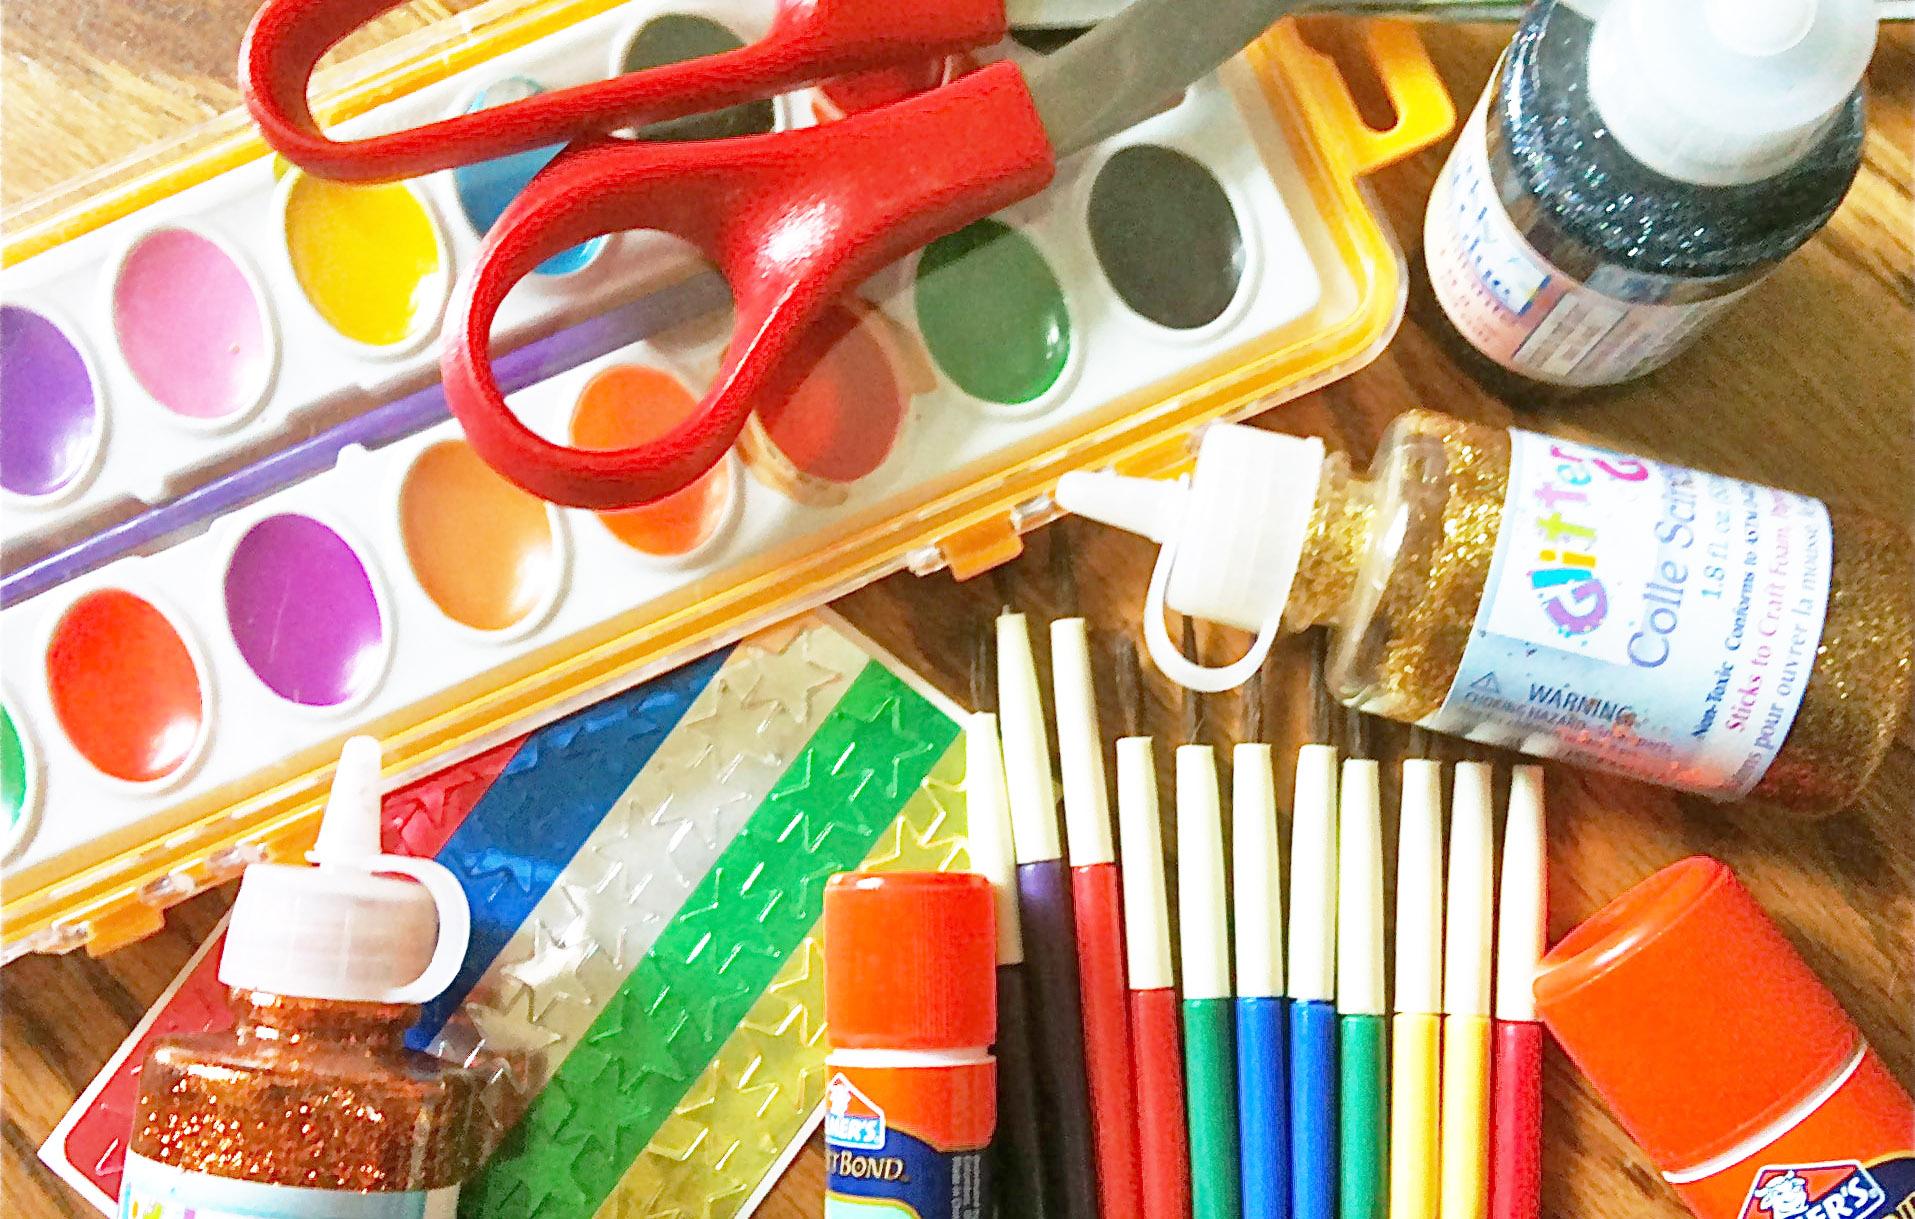 L'ATELIER DES ARTISTES - THE ARTIST'S WORKSHOP